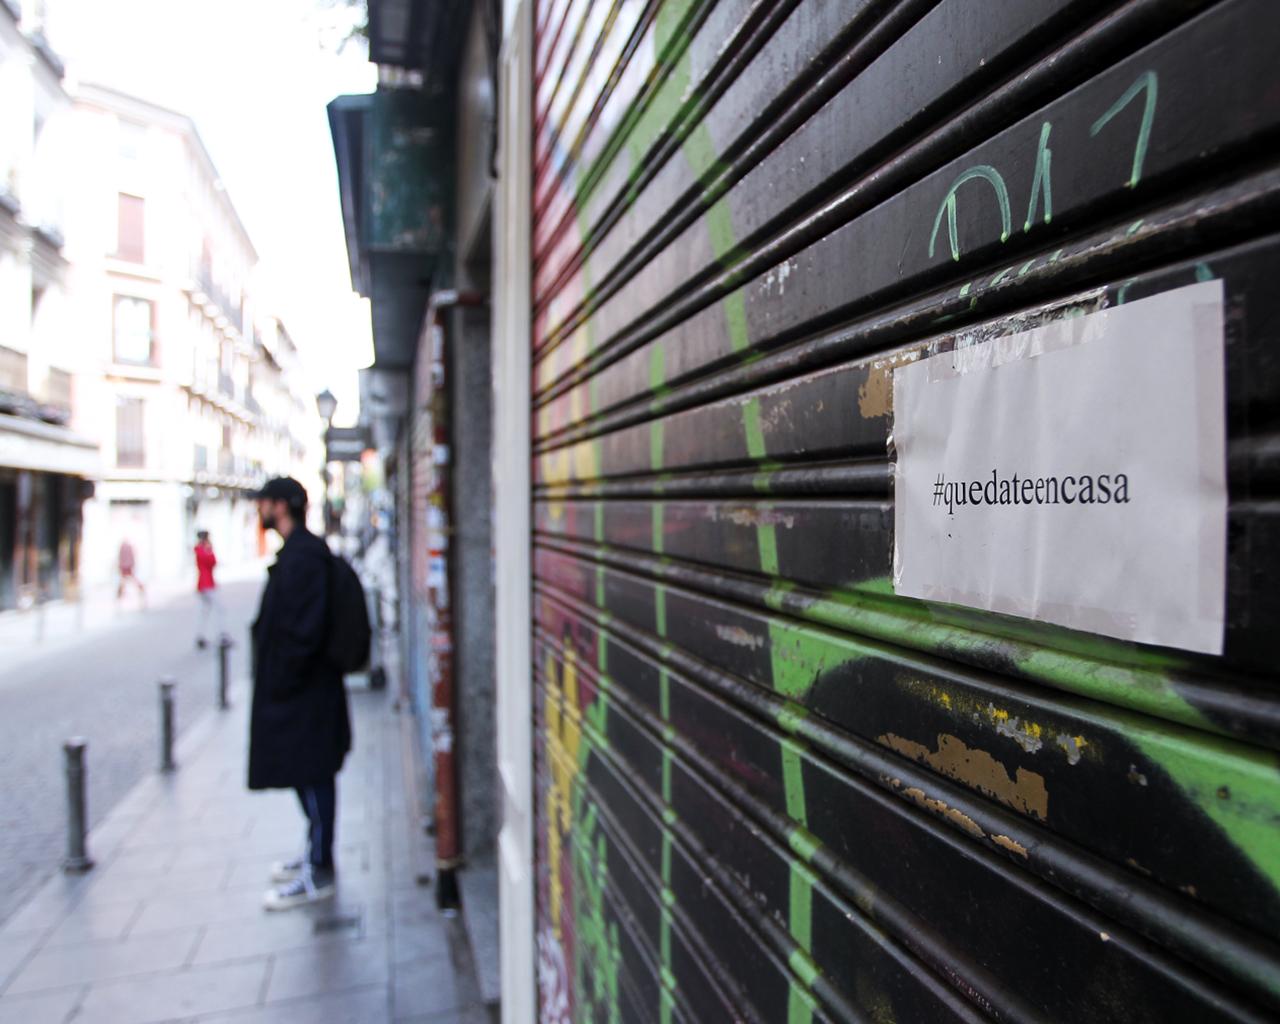 Comercios cerrados tras decretarse el estado de alarma. Madrid. 24/03/2020.